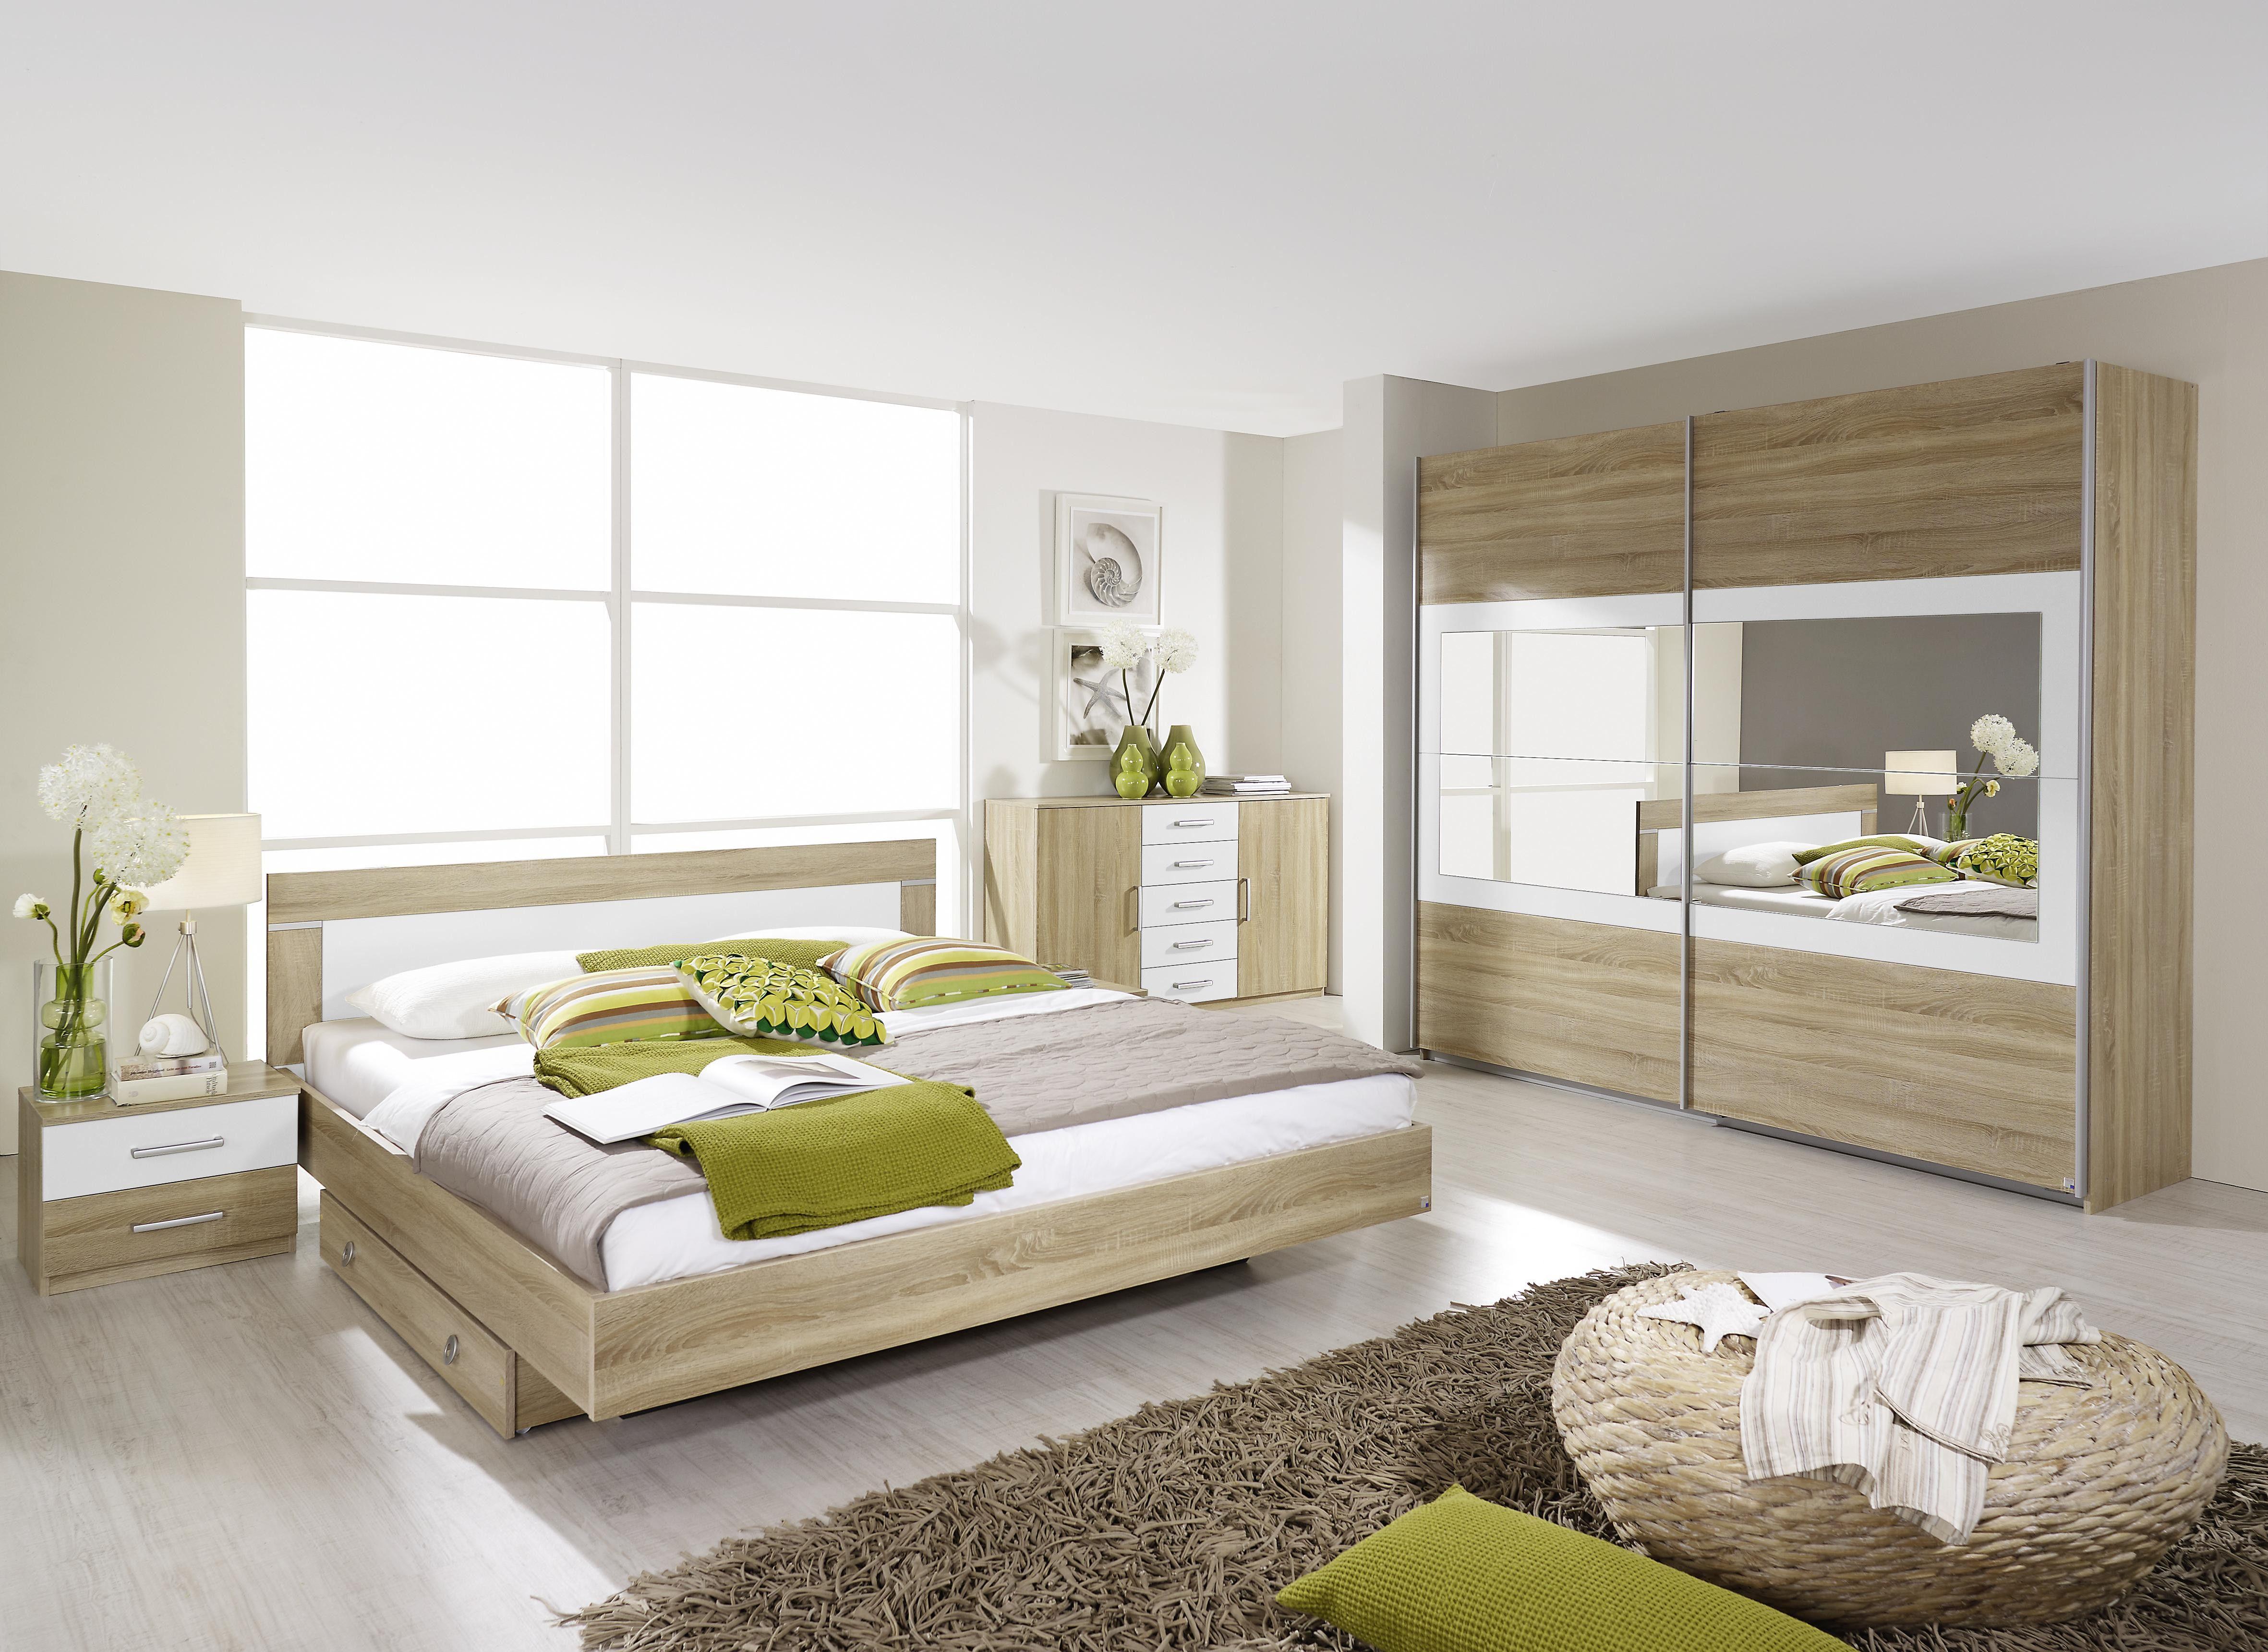 Eiche Schlafzimmer ~ Schlafzimmer mit bett cm eiche sonoma weiss jetzt